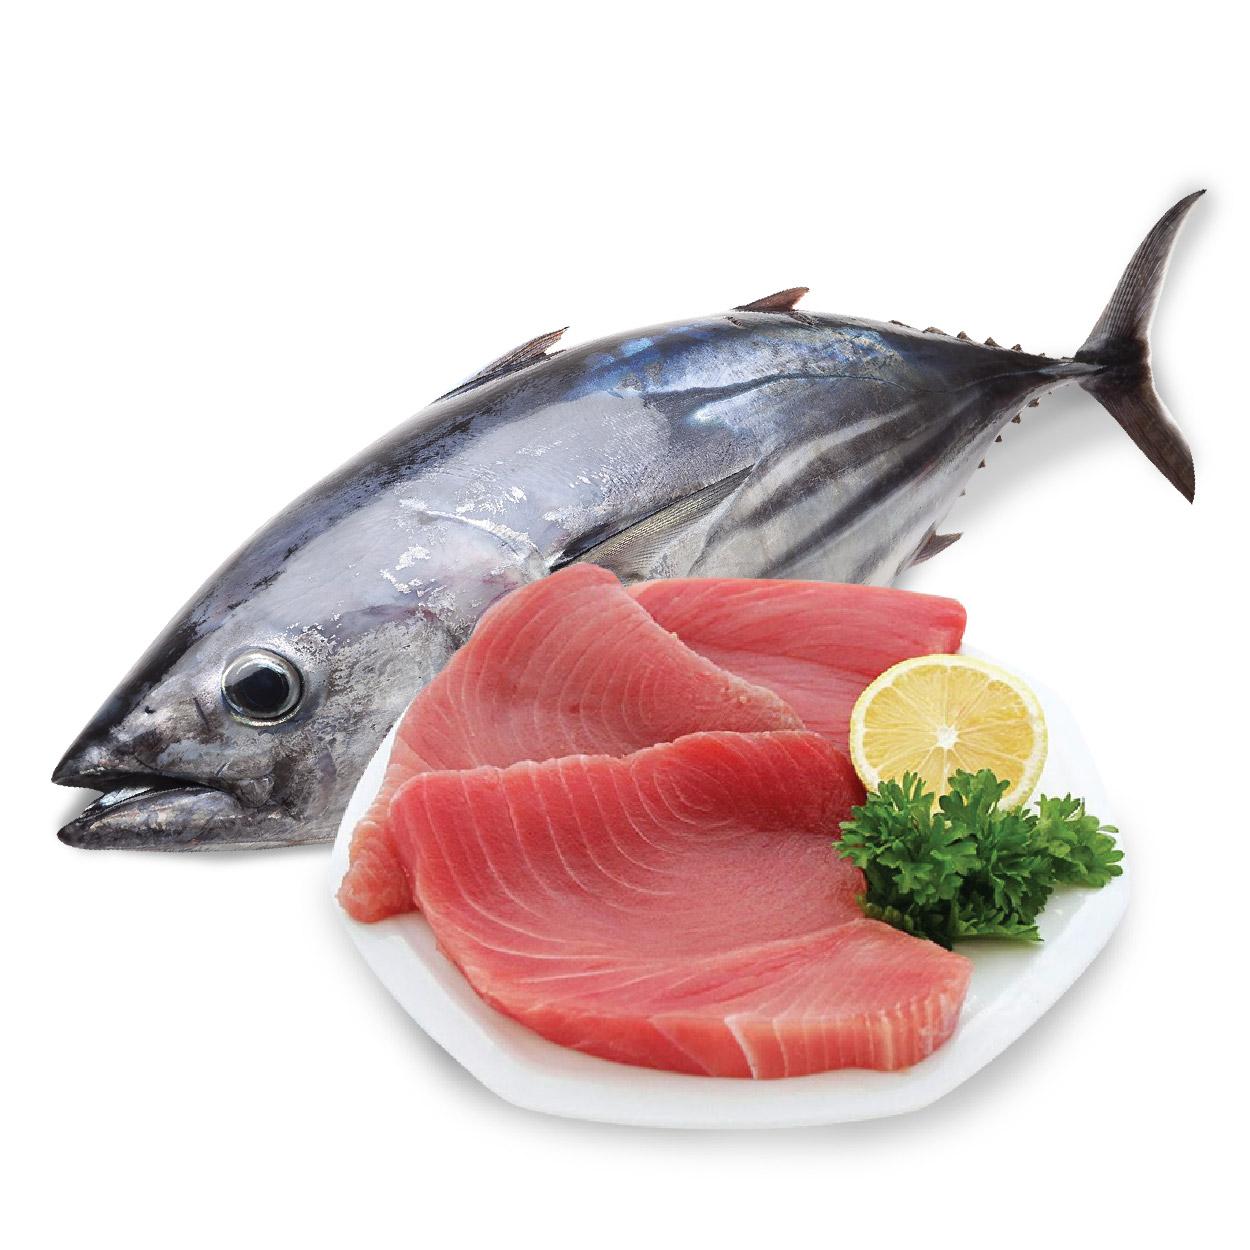 Vì sao cá tốt cho người bị bệnh khớp 1